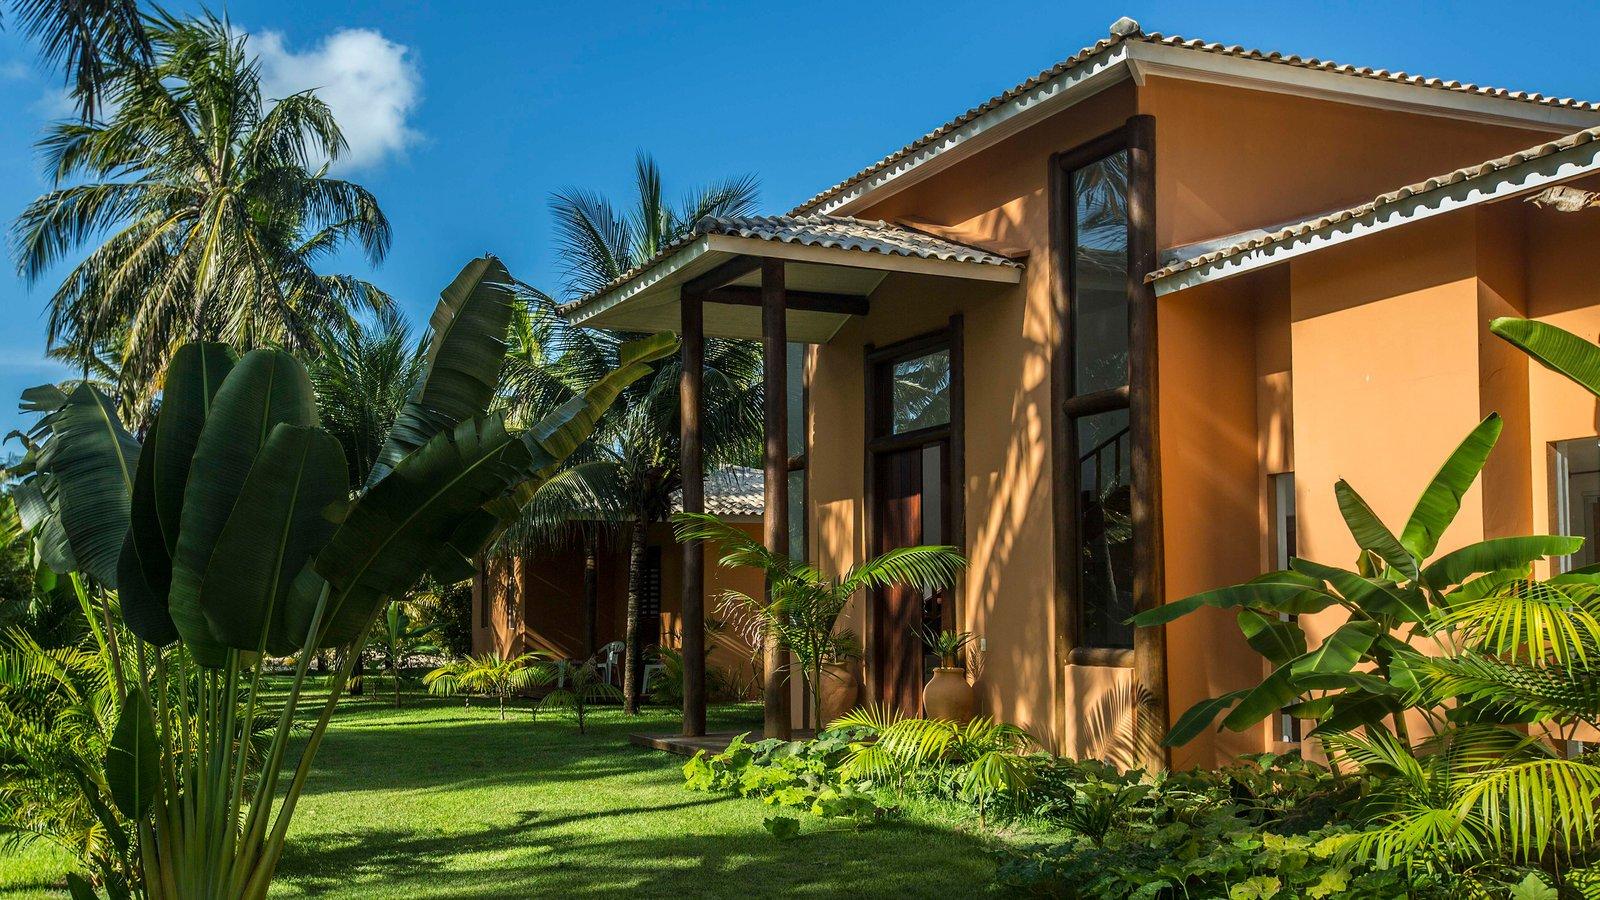 Brazil-Beach-House-New-York-Times png.jpg